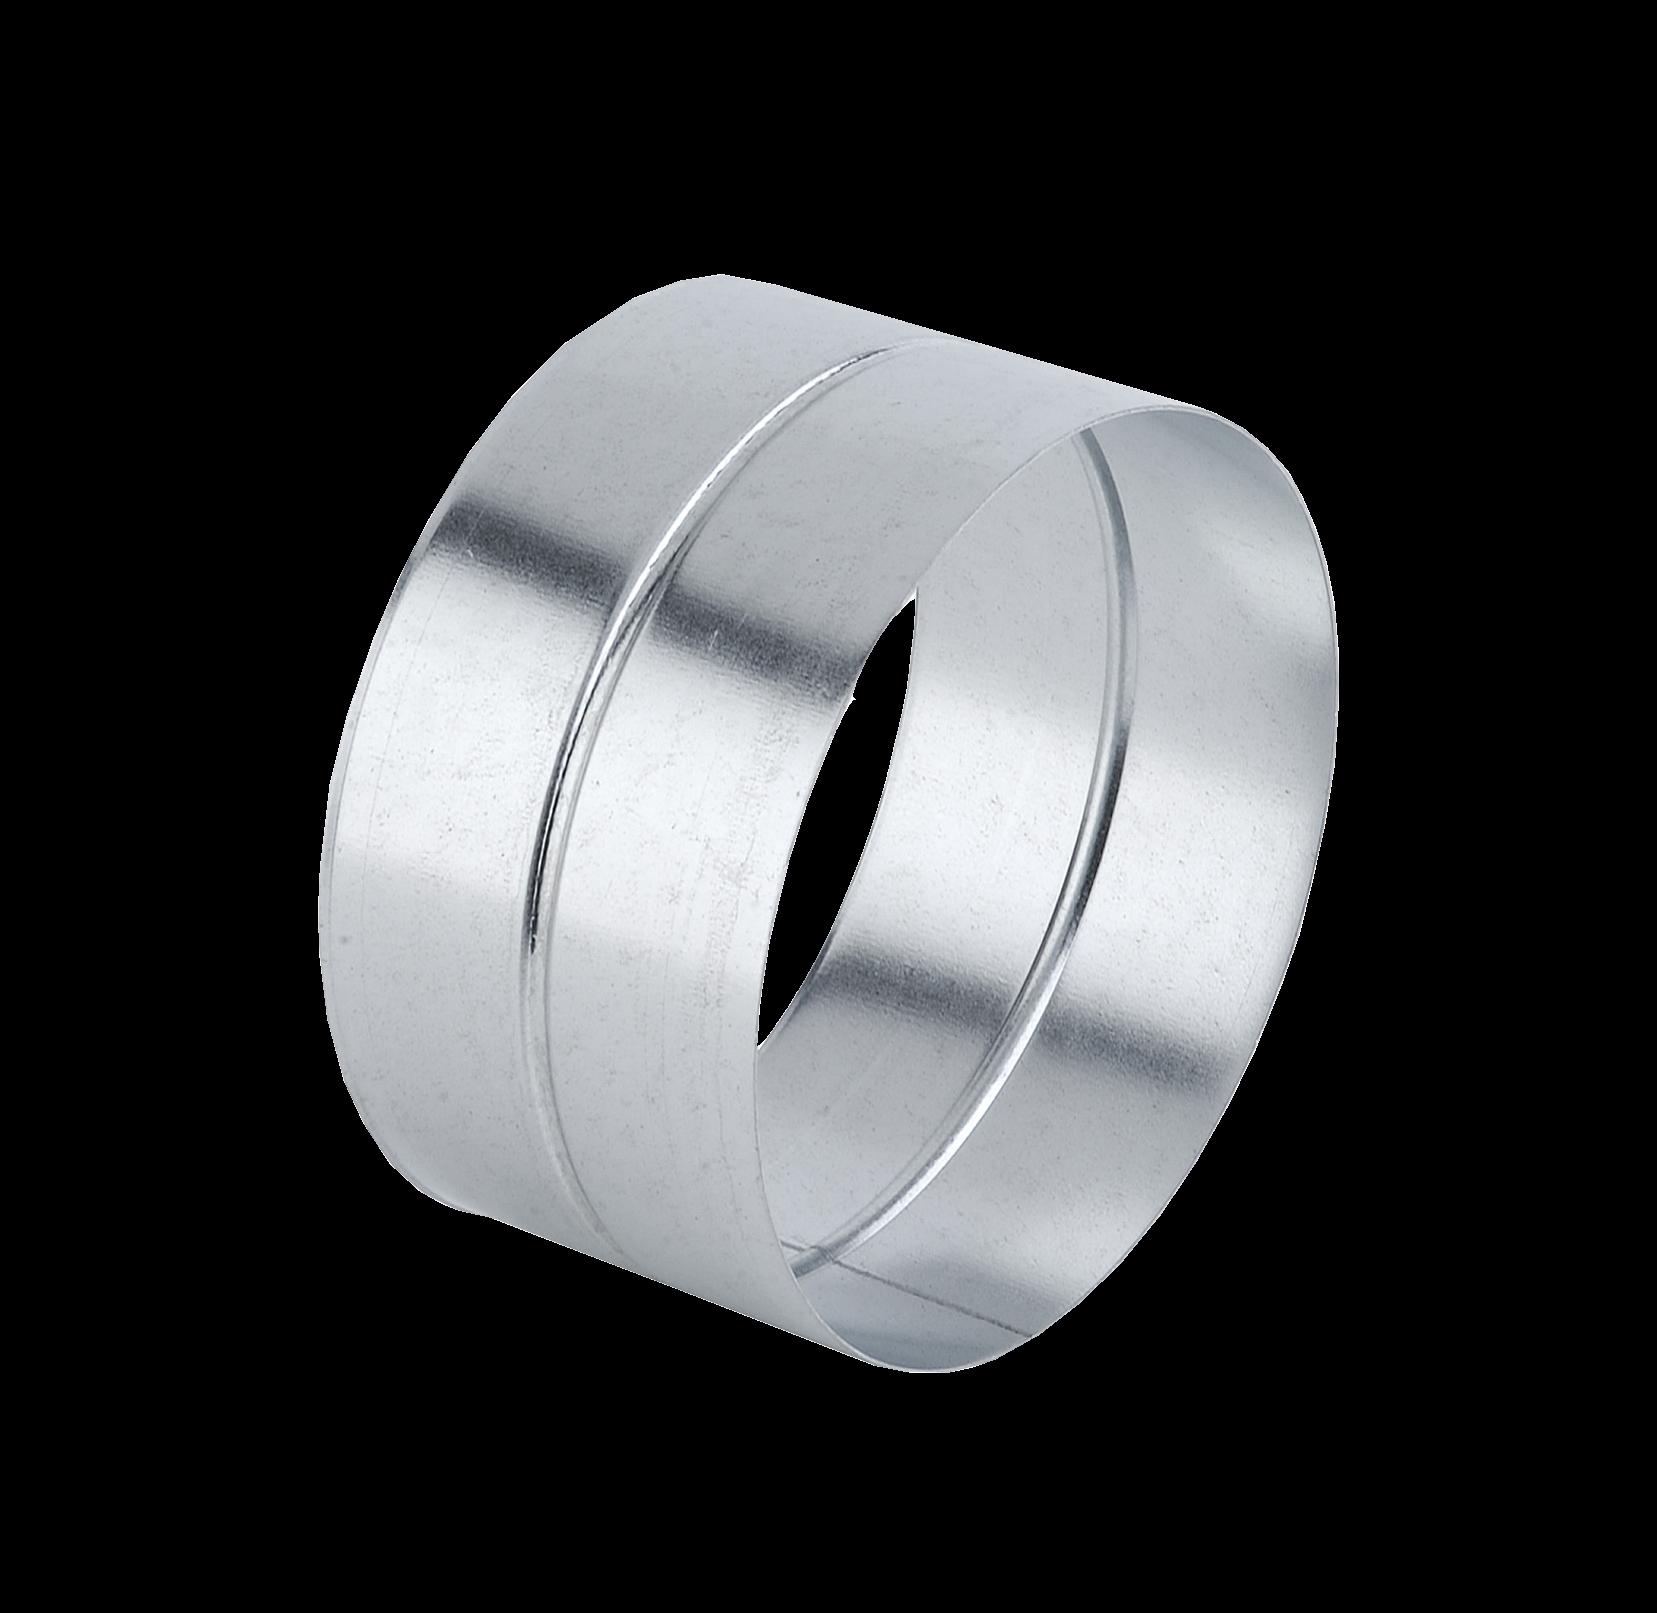 5x Magnetfolie DIN A4 297x210 mm 0,9 mm Magnet Platte Schild Anisotrop Grün